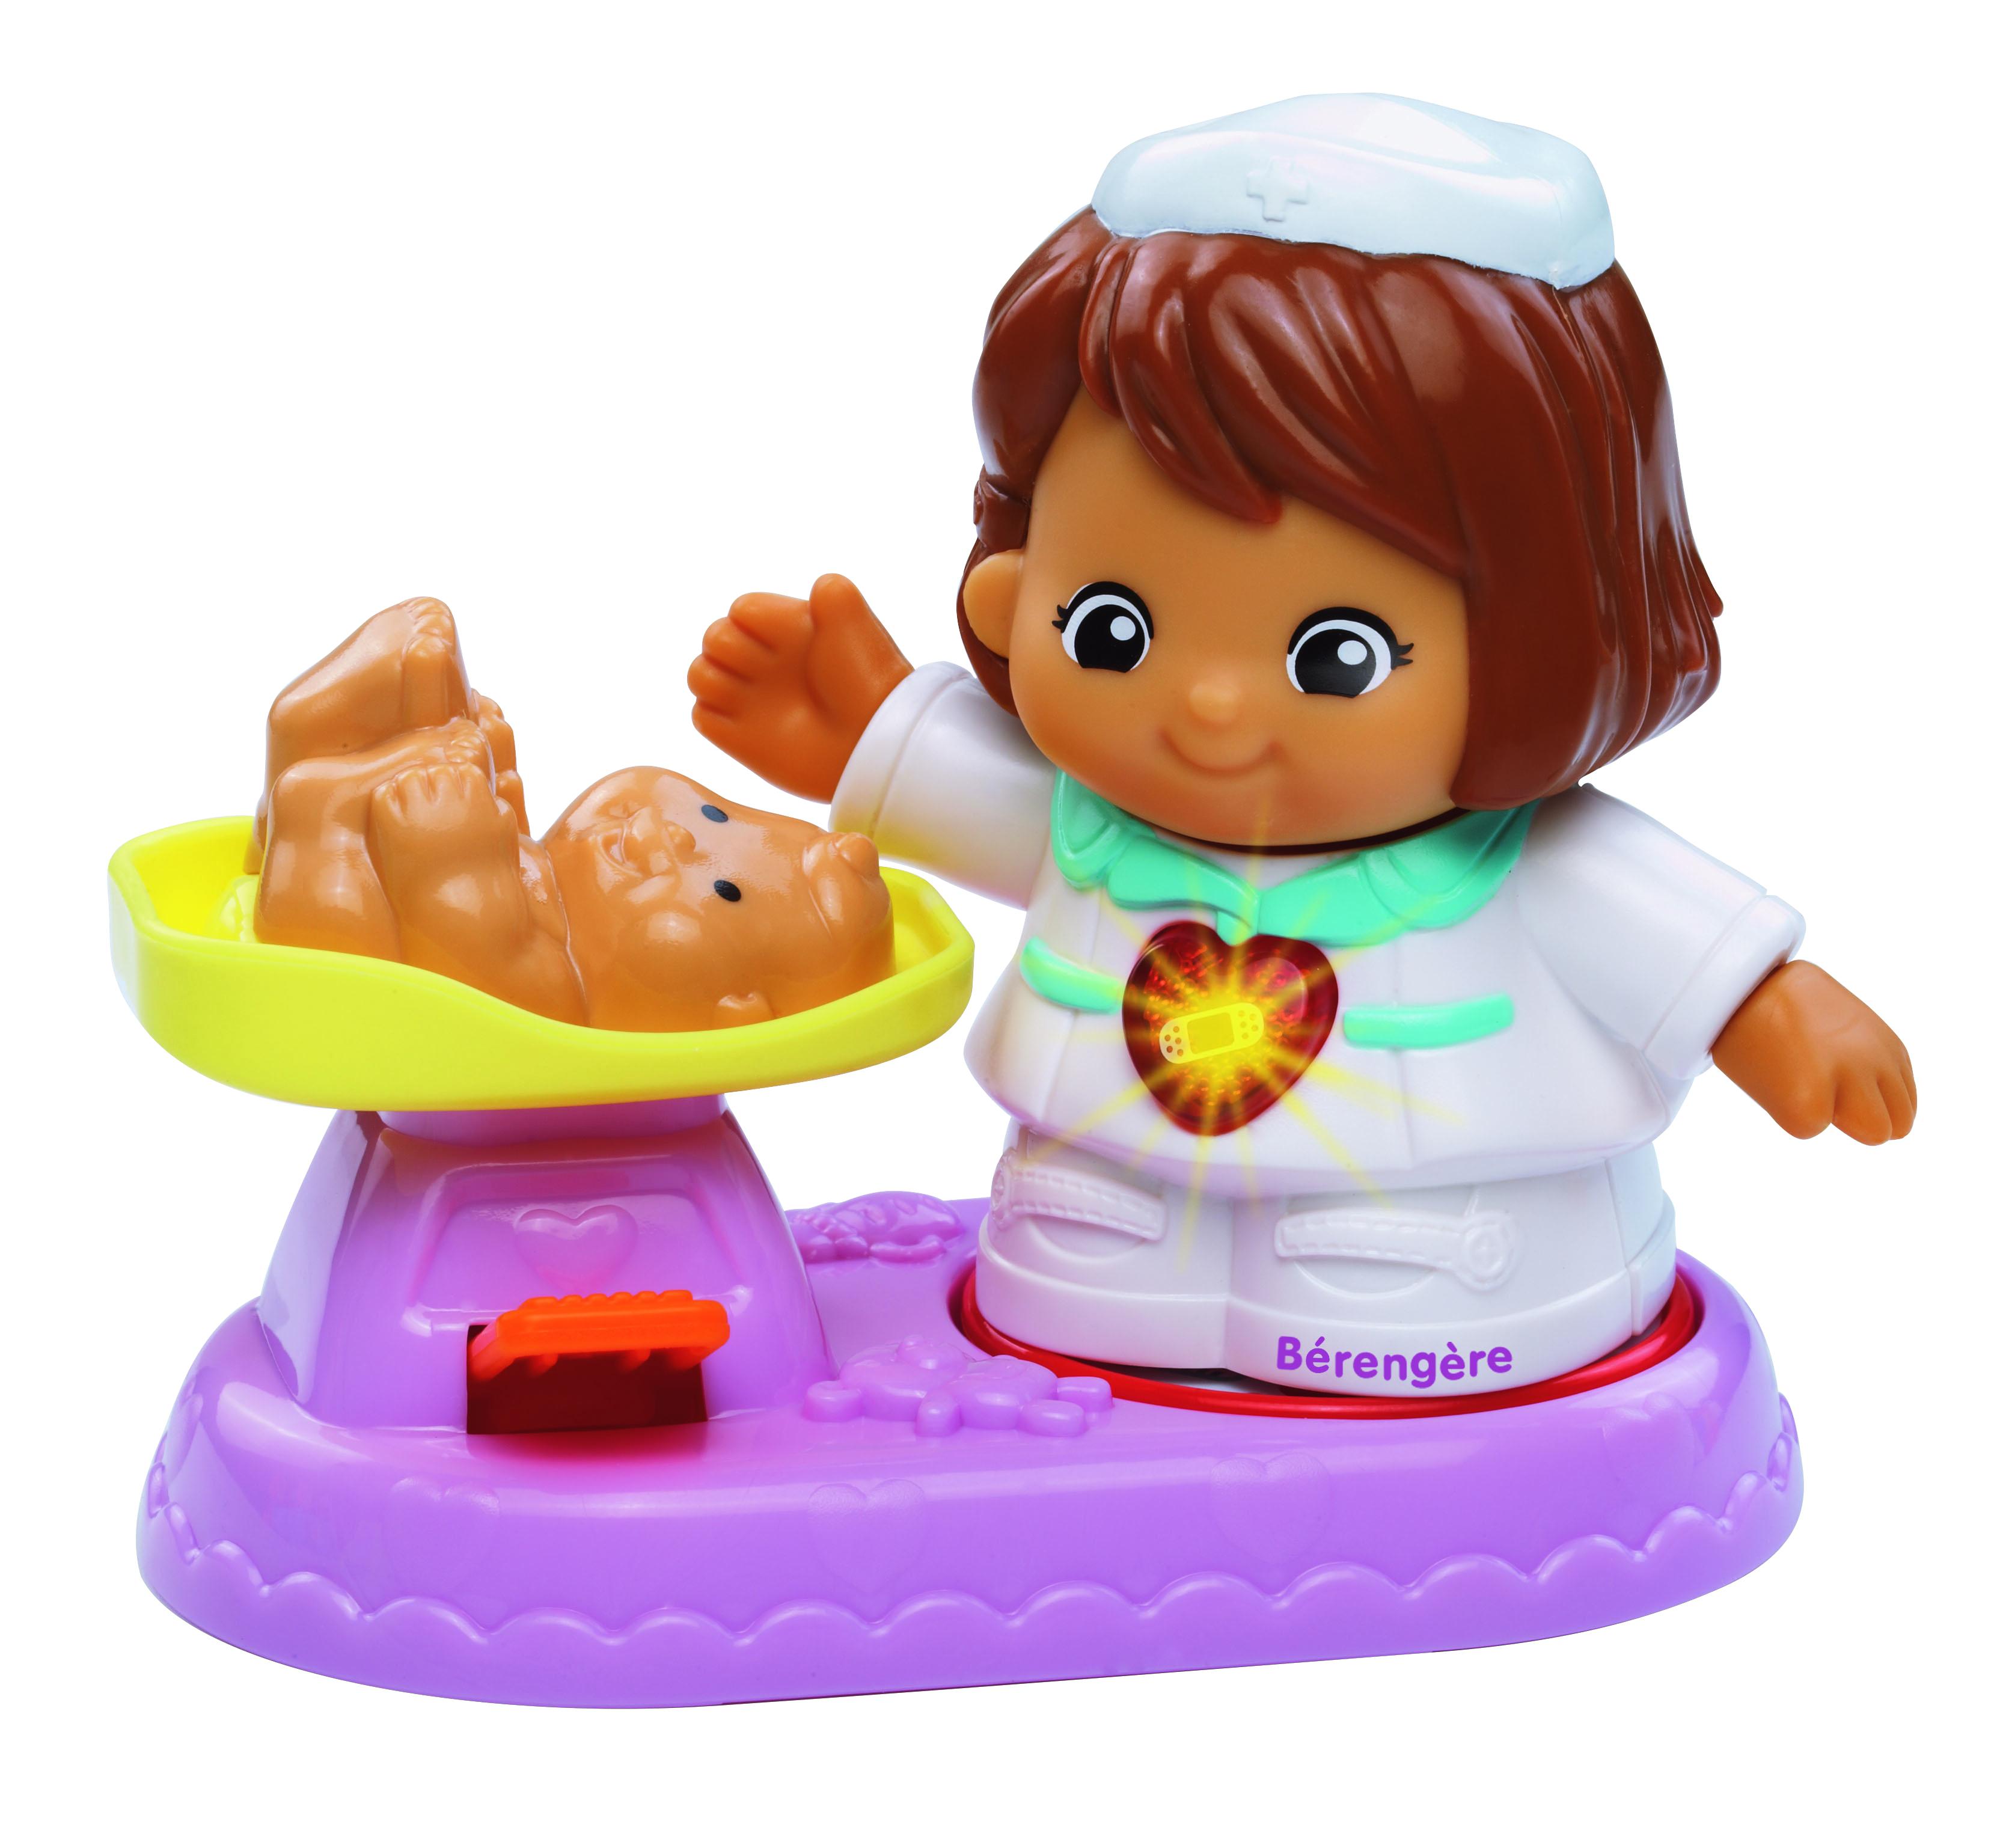 Bérengère l'infirmière et son bébé Tut Tut Copains VTech